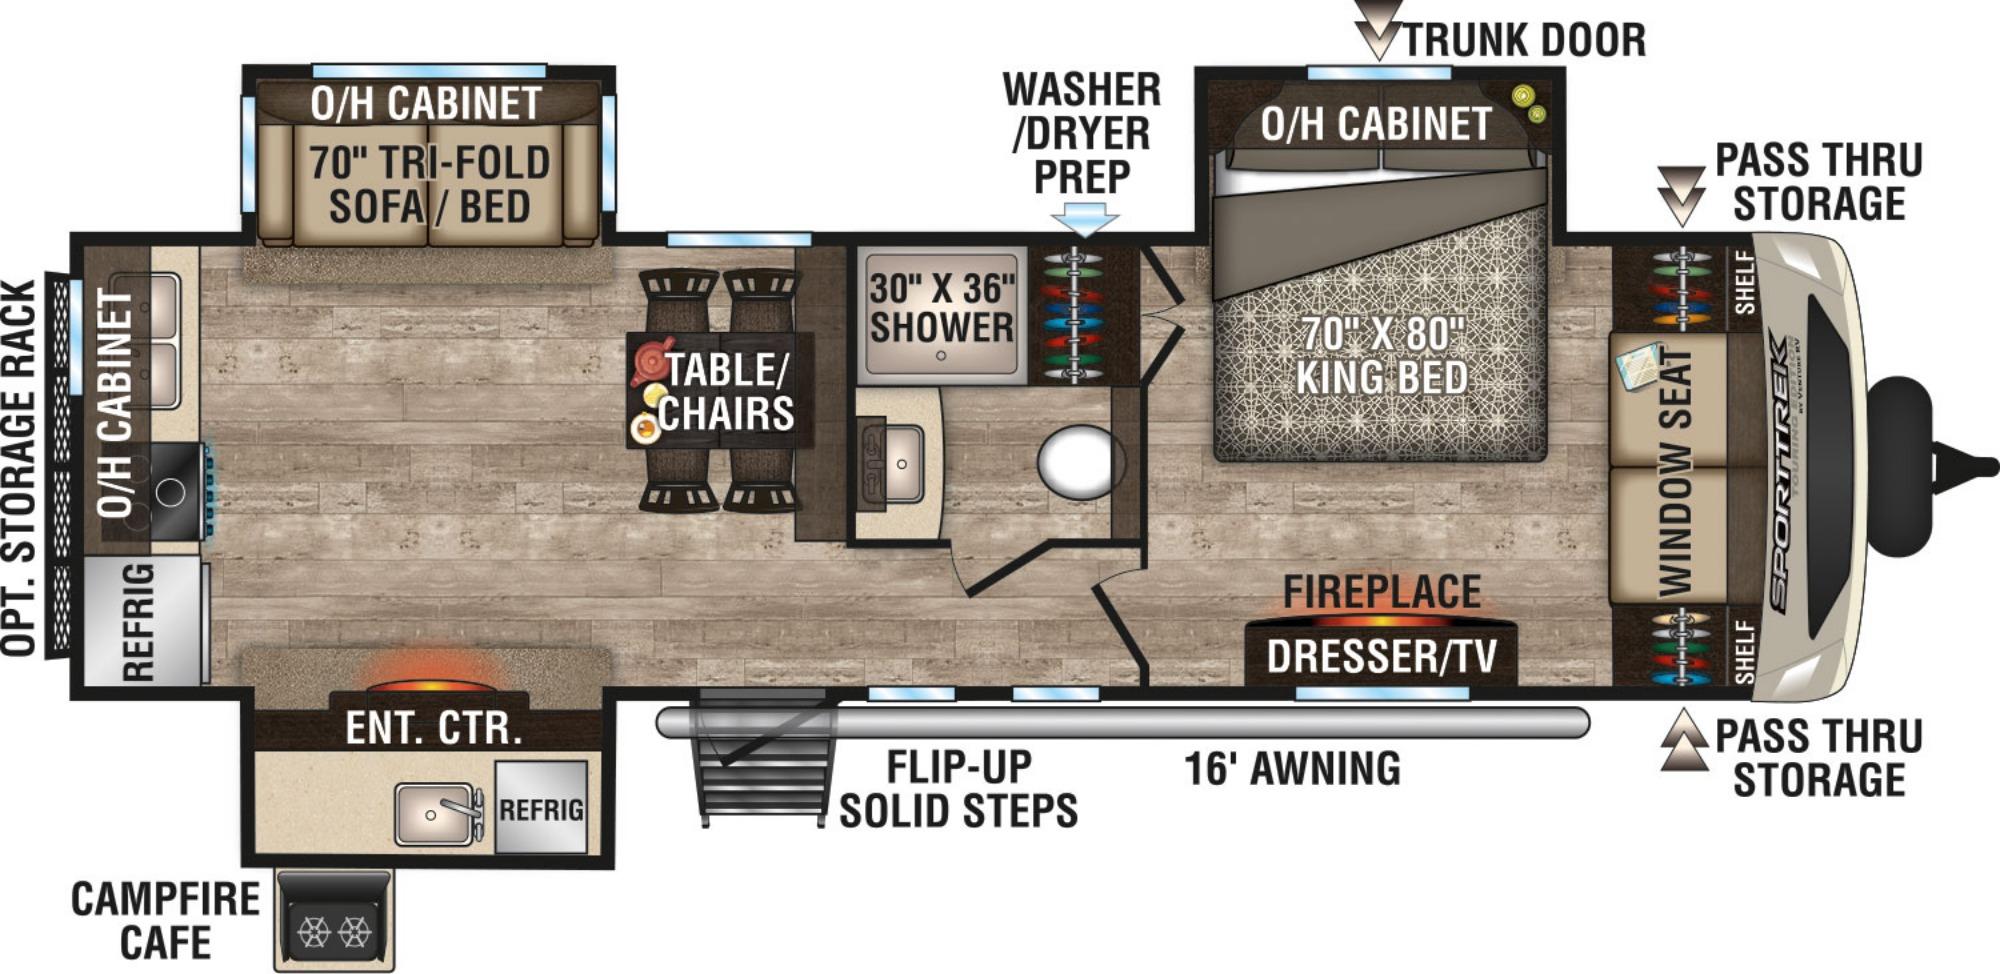 View Floor Plan for 2019 VENTURE RV SPORTTREK TOURING EDITION 293VRK